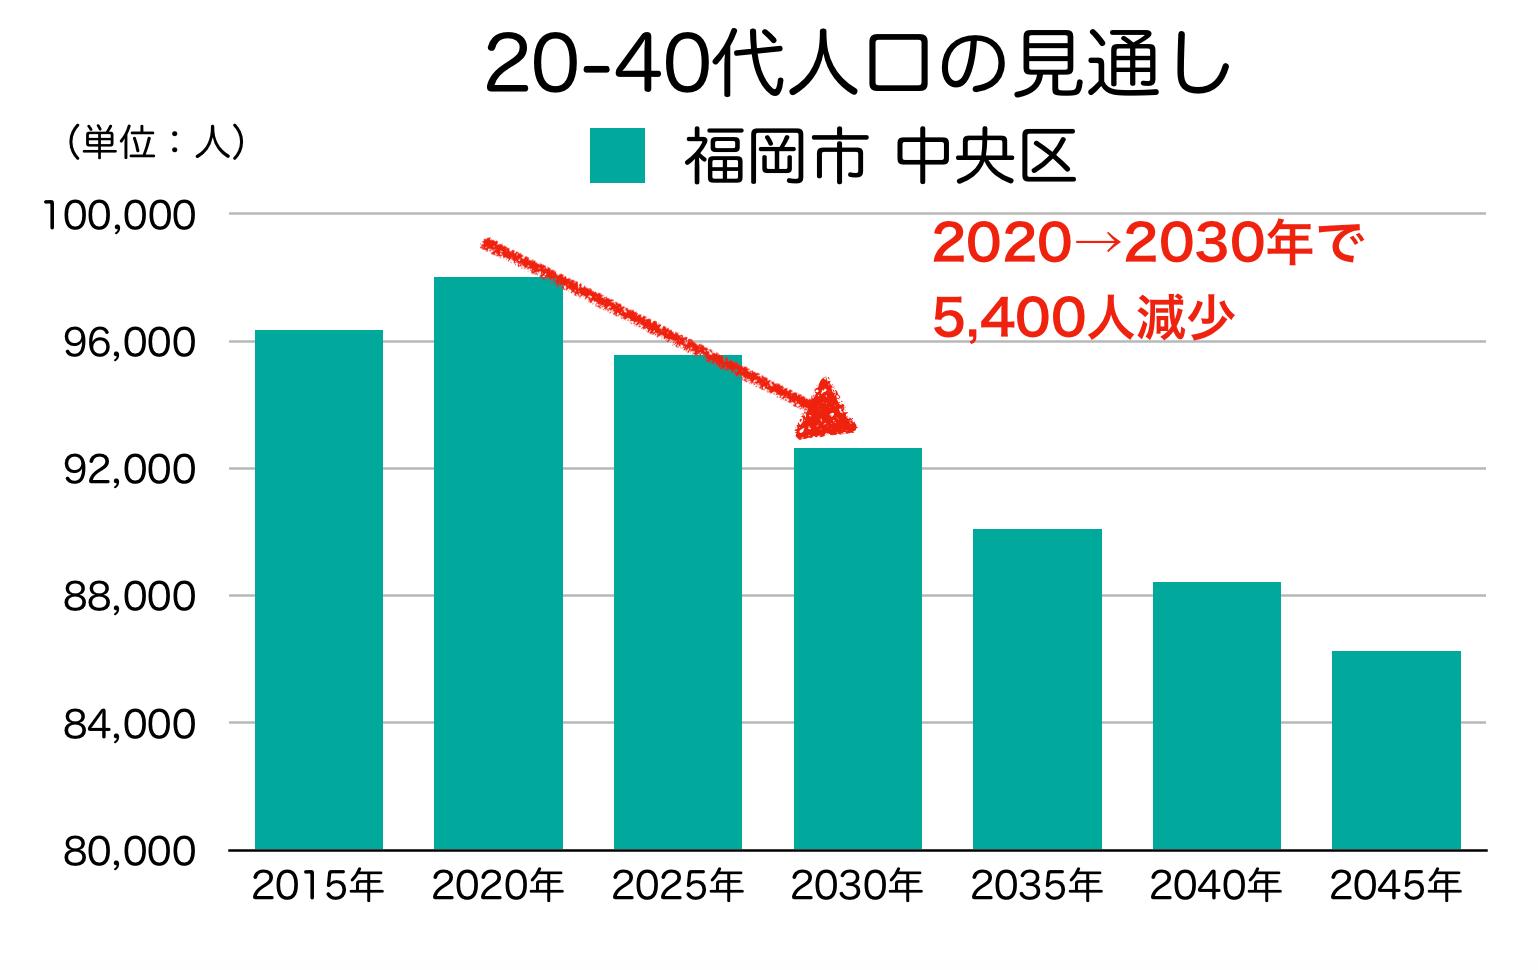 福岡市中央区の20〜40代人口の予測